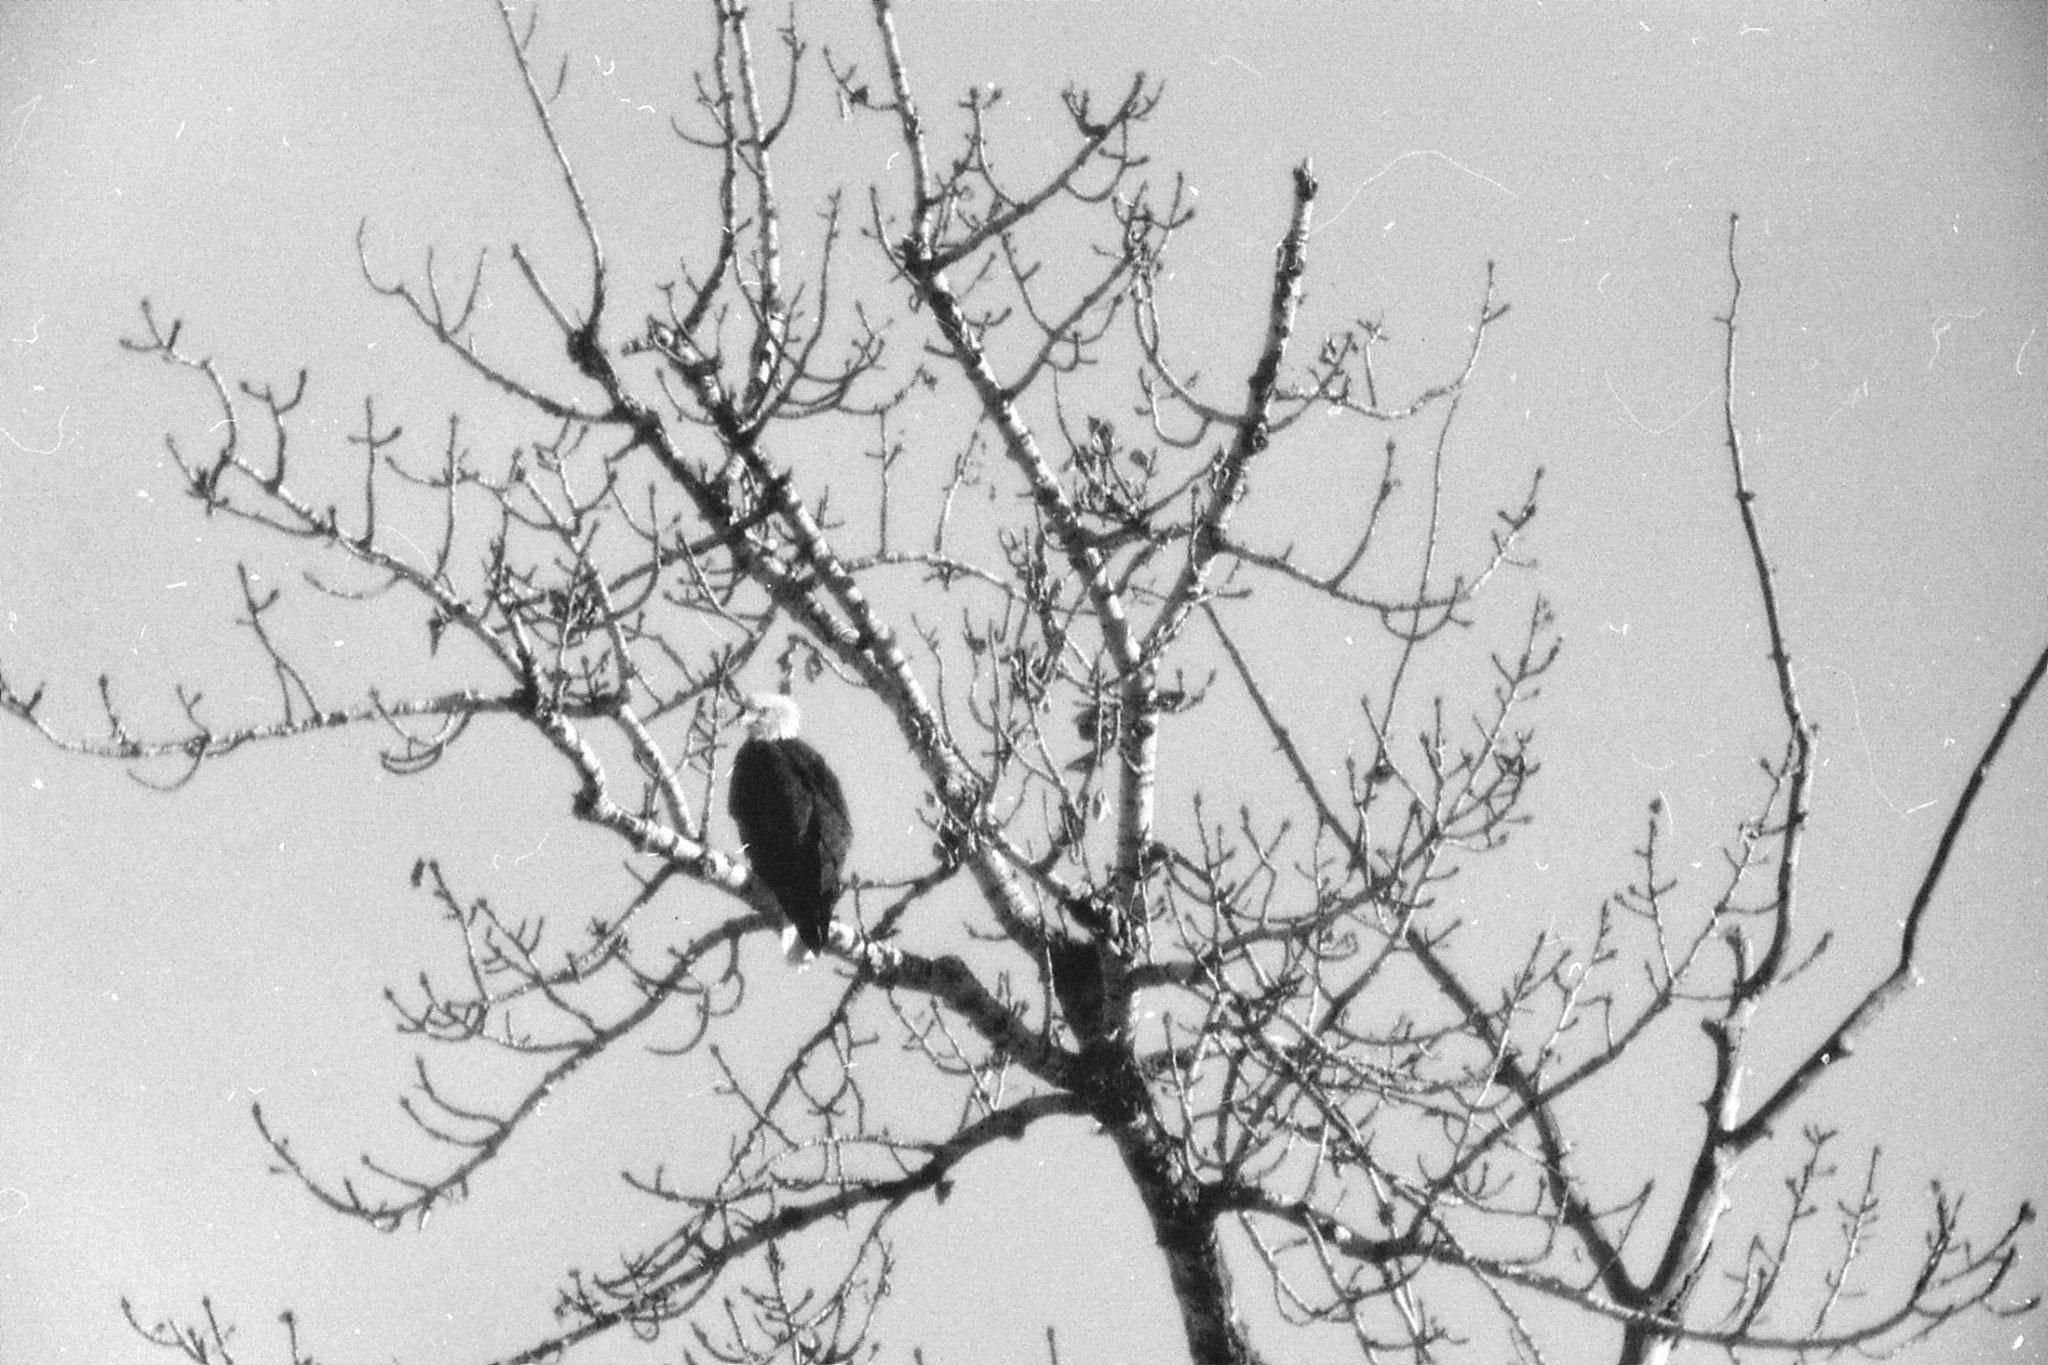 23/1/1991: 5: Boise Bald Eagle